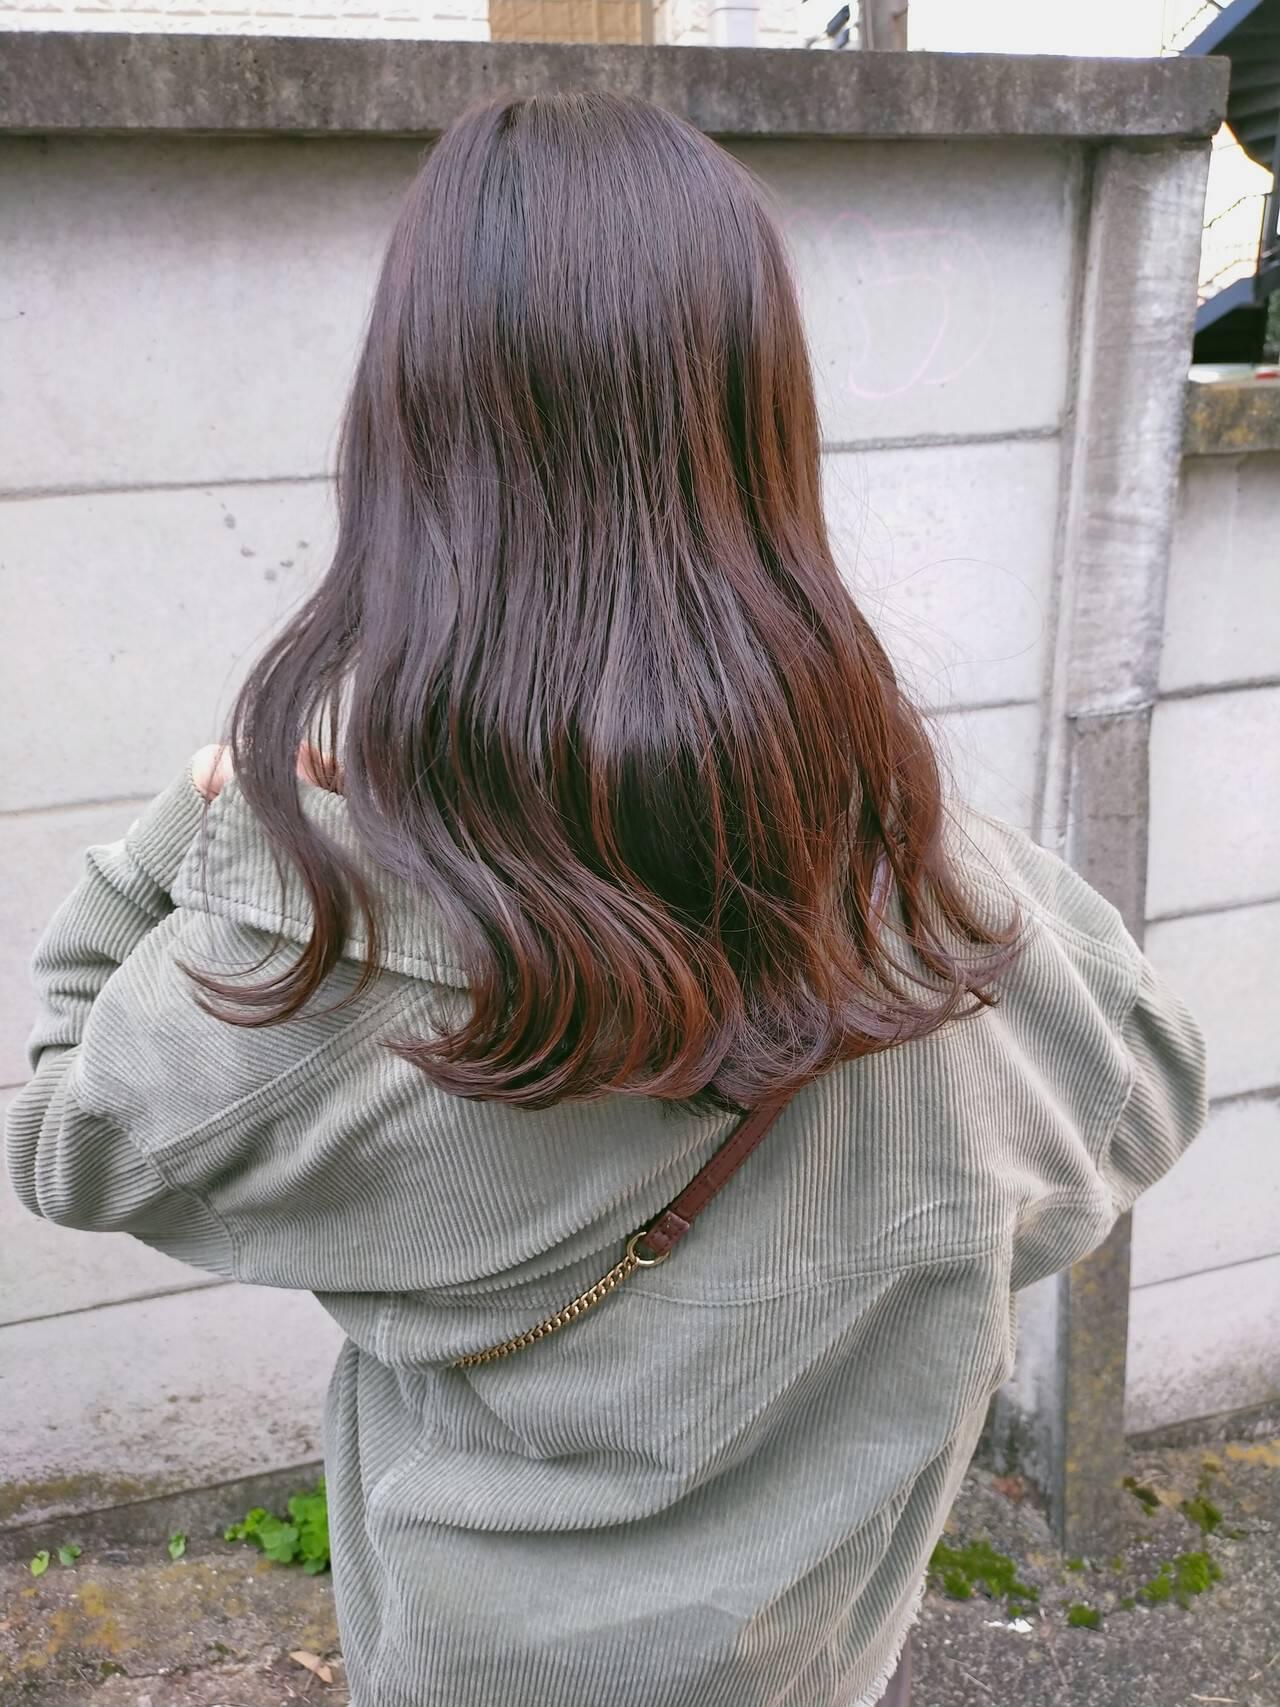 ナチュラル ミディアム オレンジブラウン オレンジベージュヘアスタイルや髪型の写真・画像